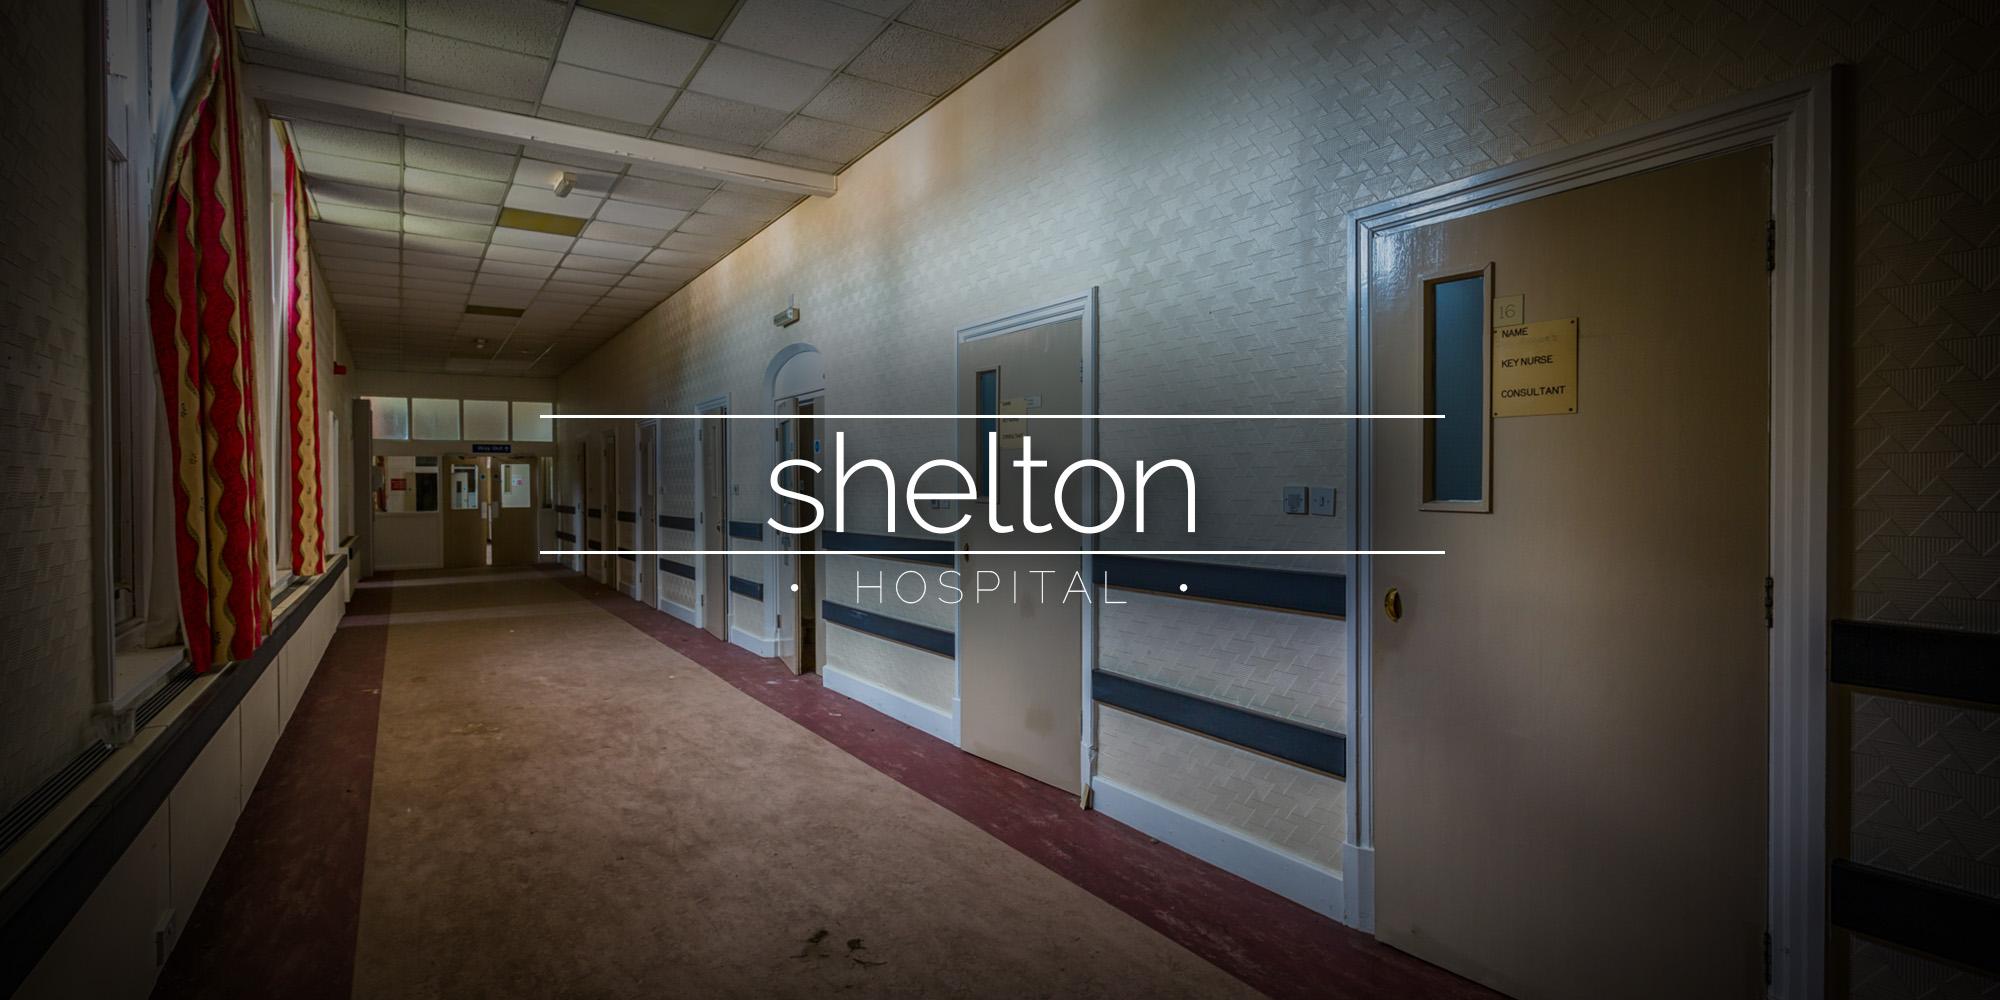 Shelton Hospital